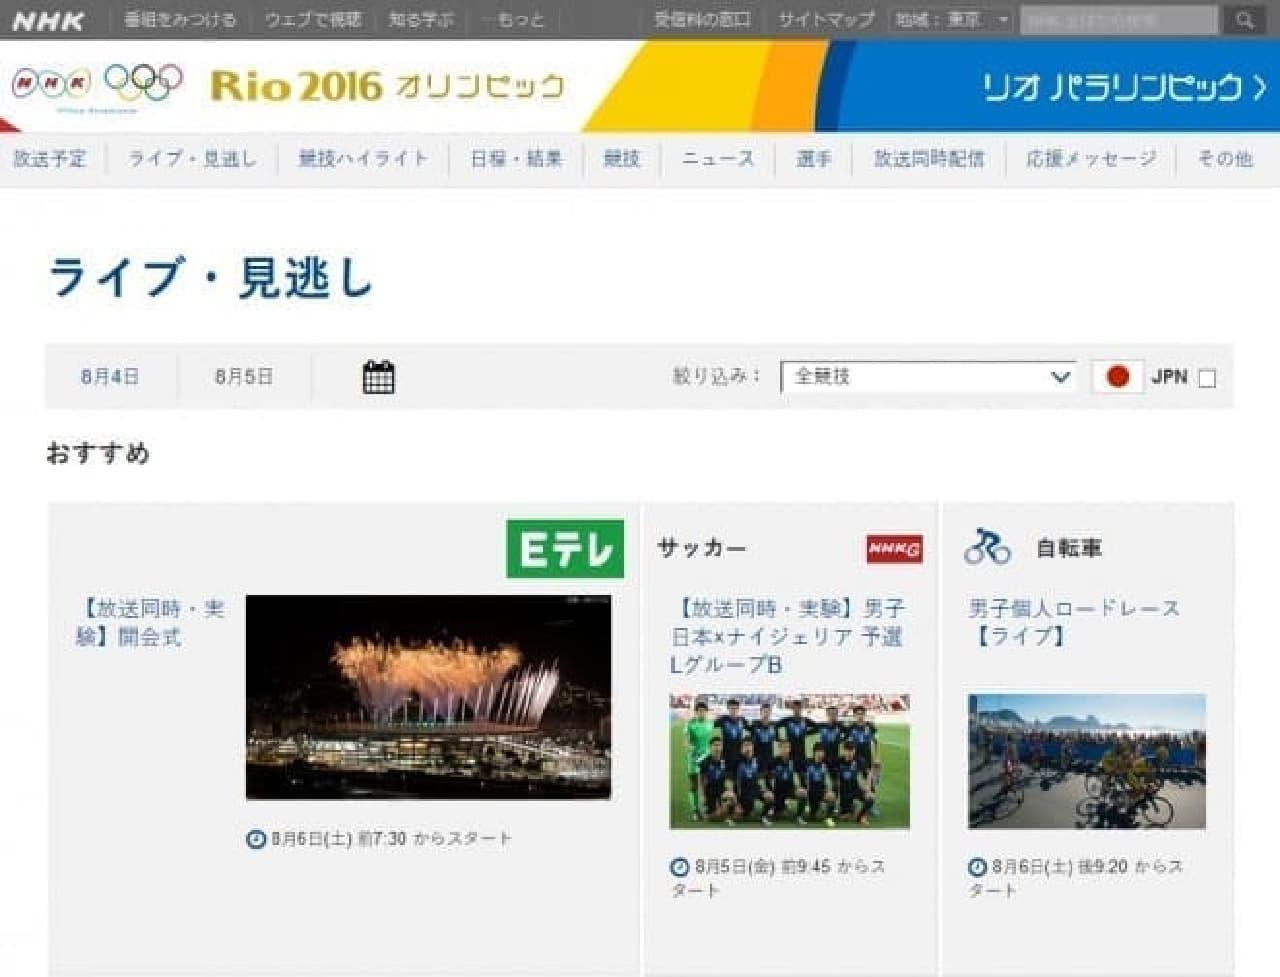 NHKの特設サイトスクリーンショット